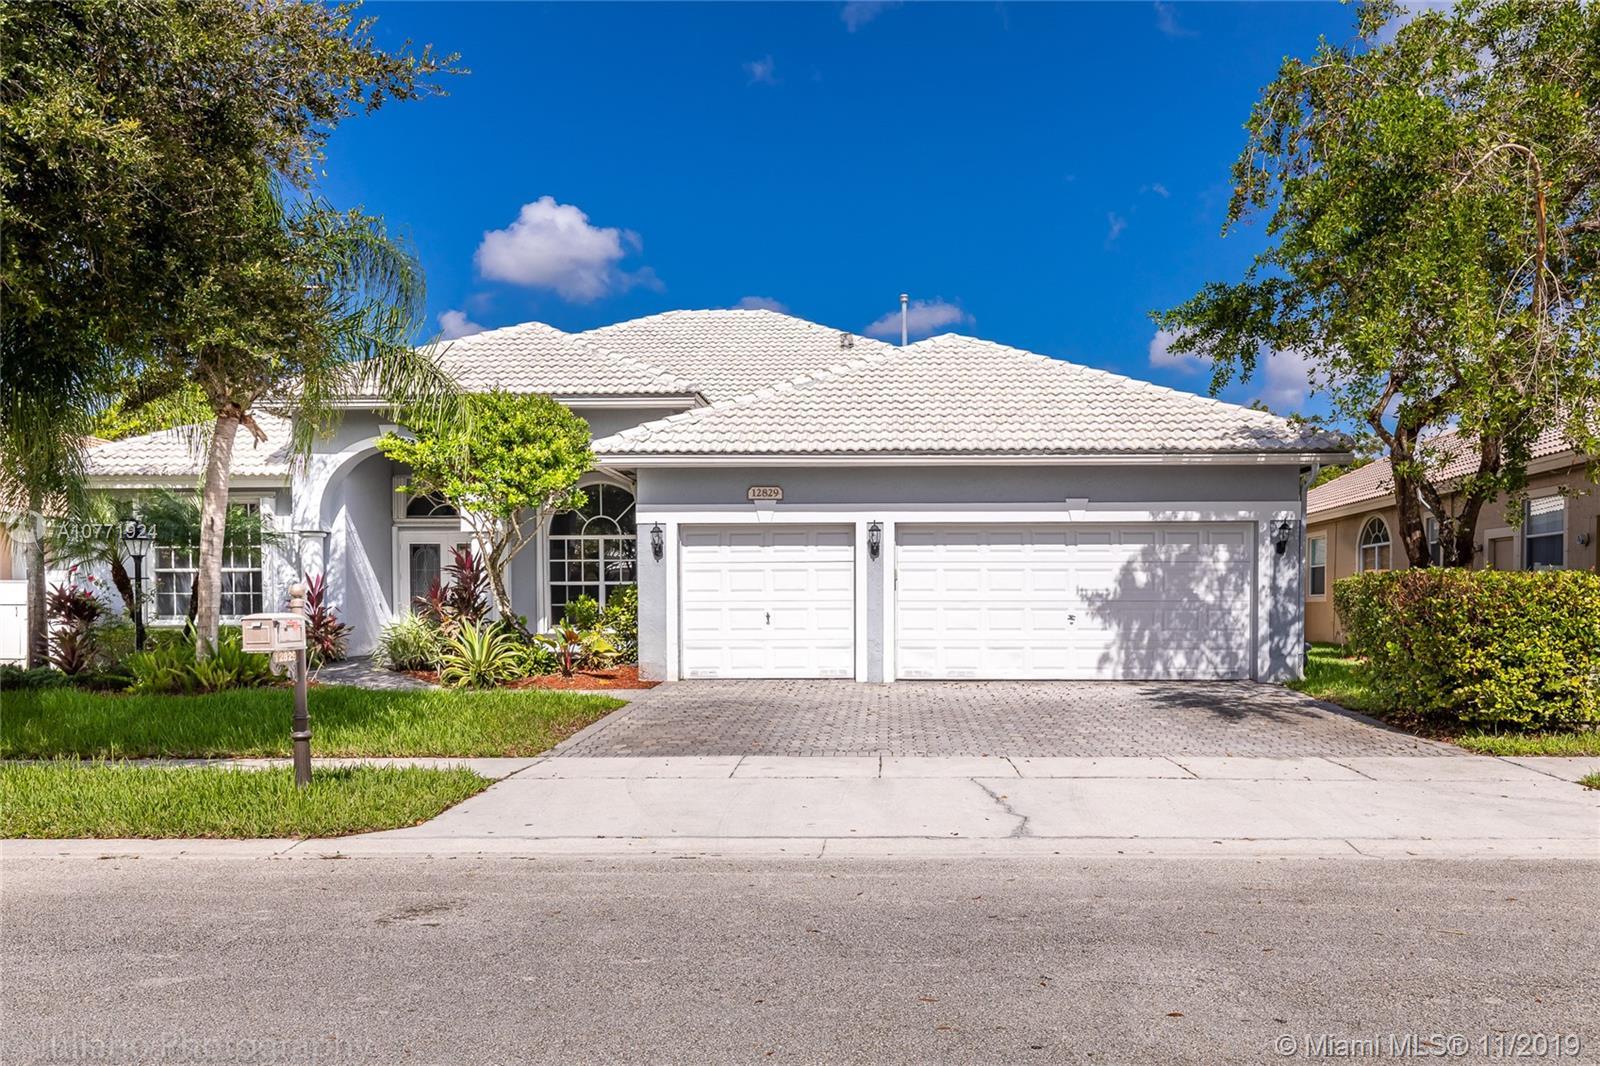 12829 NW 23rd St, Pembroke Pines, FL 33028